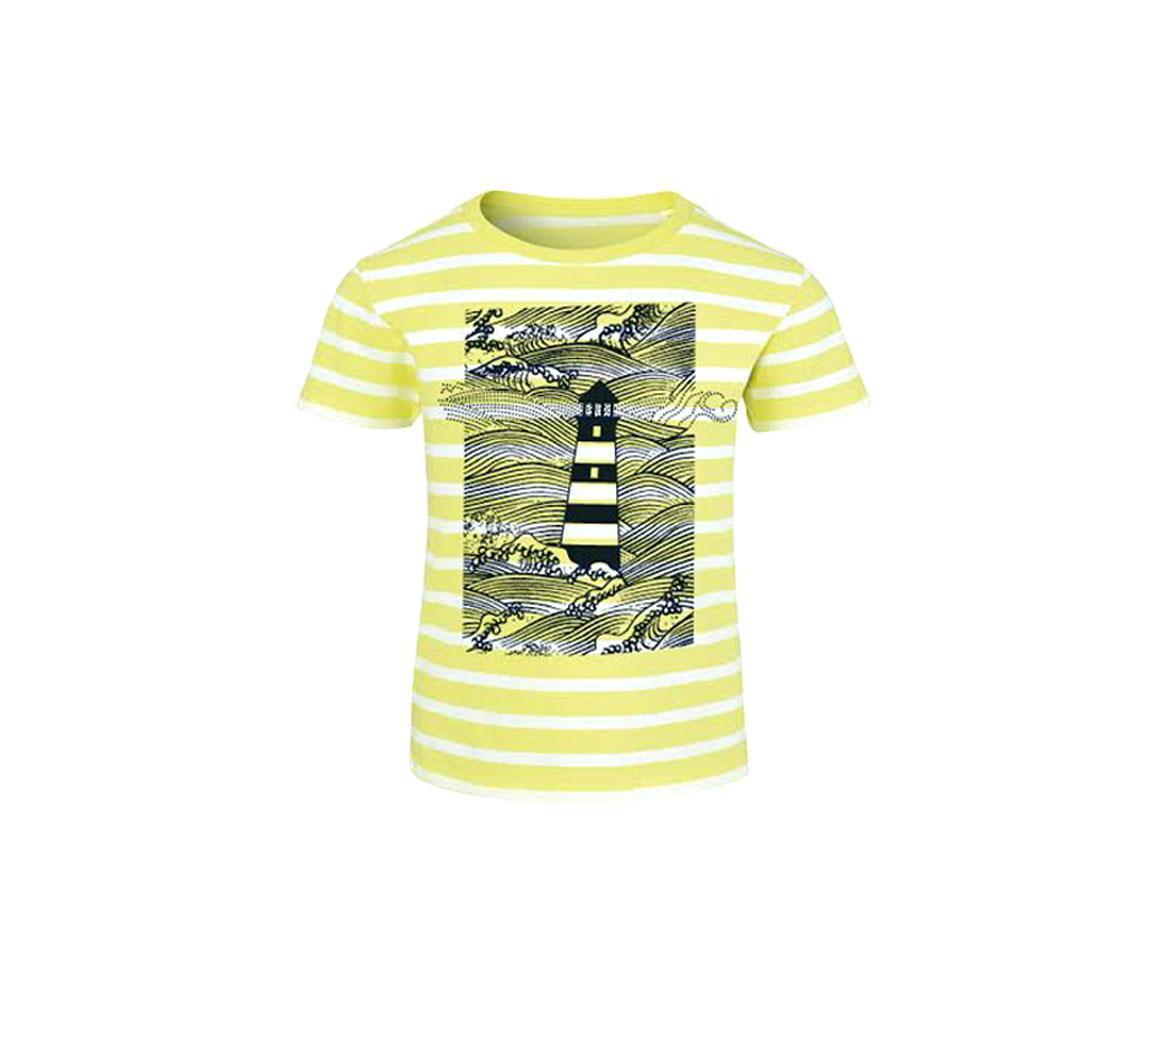 Vêtement enfant T-shirt enfant EPH